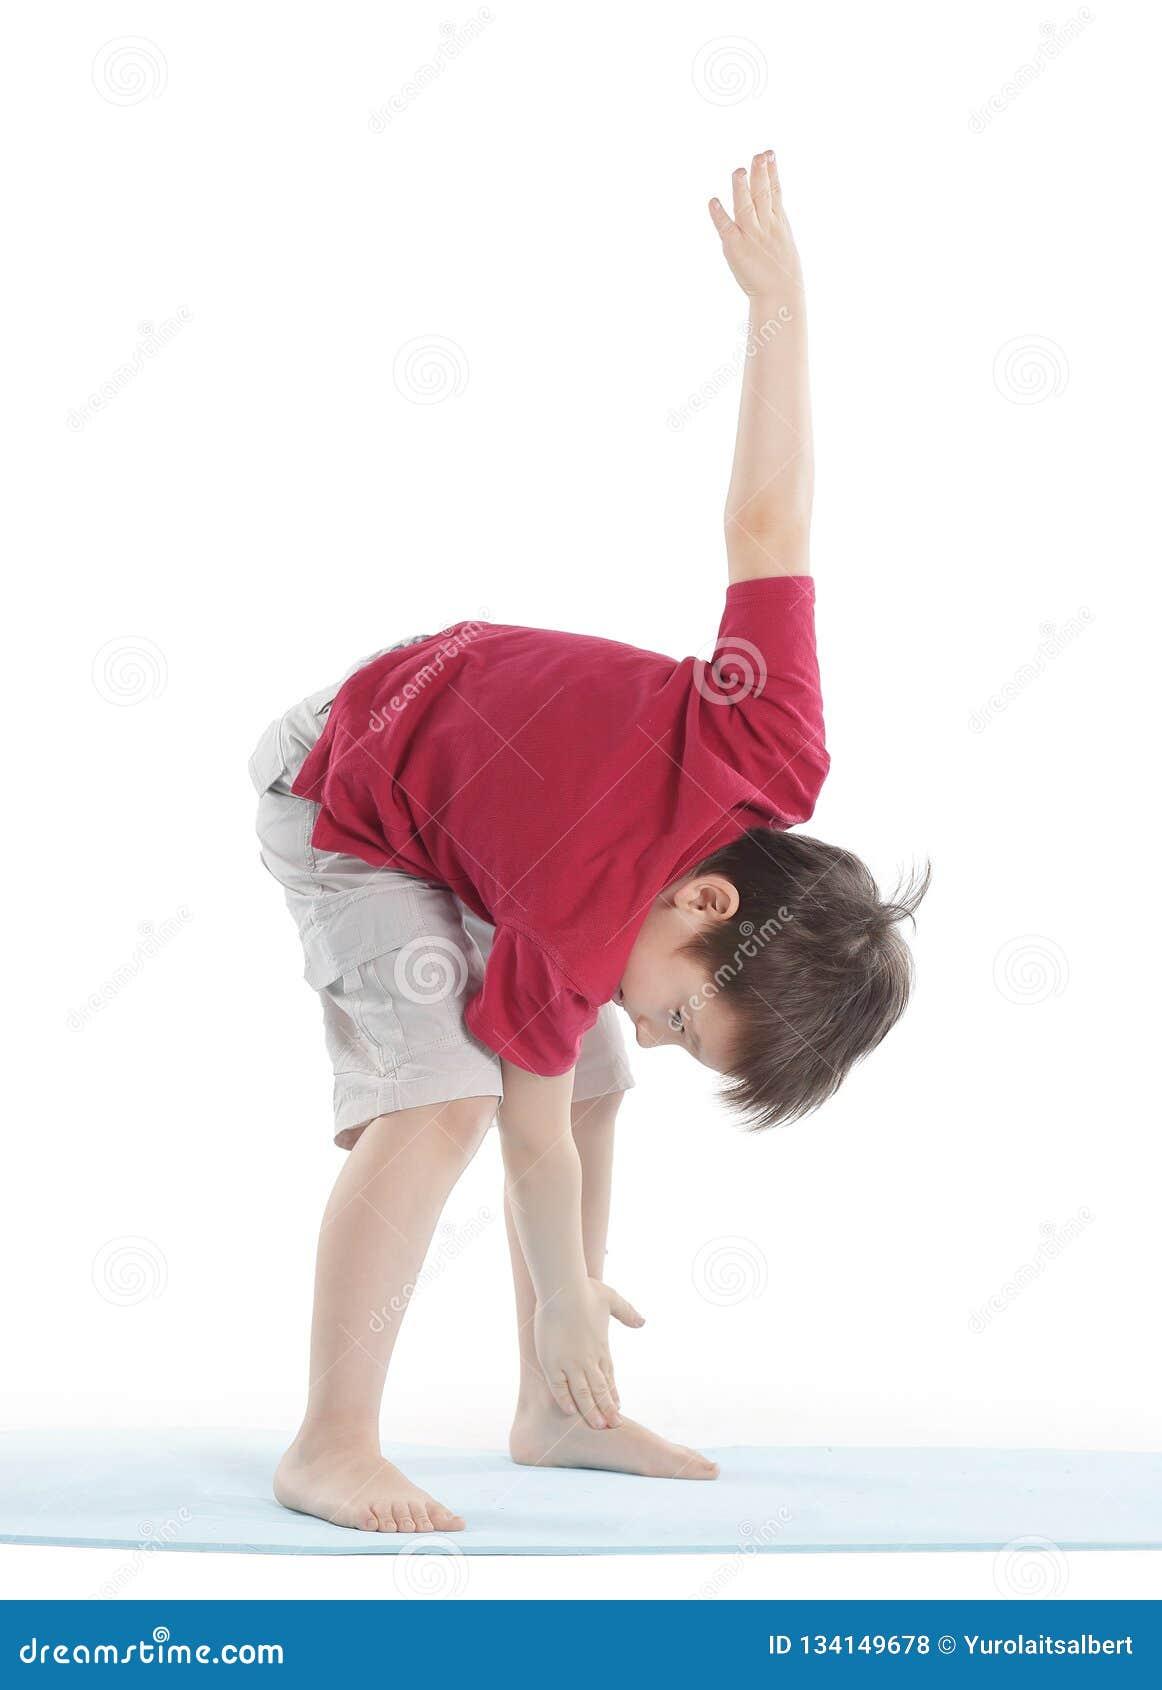 Weinig jongen voert een oefening uit om de spieren uit te rekken Geïsoleerd op wit